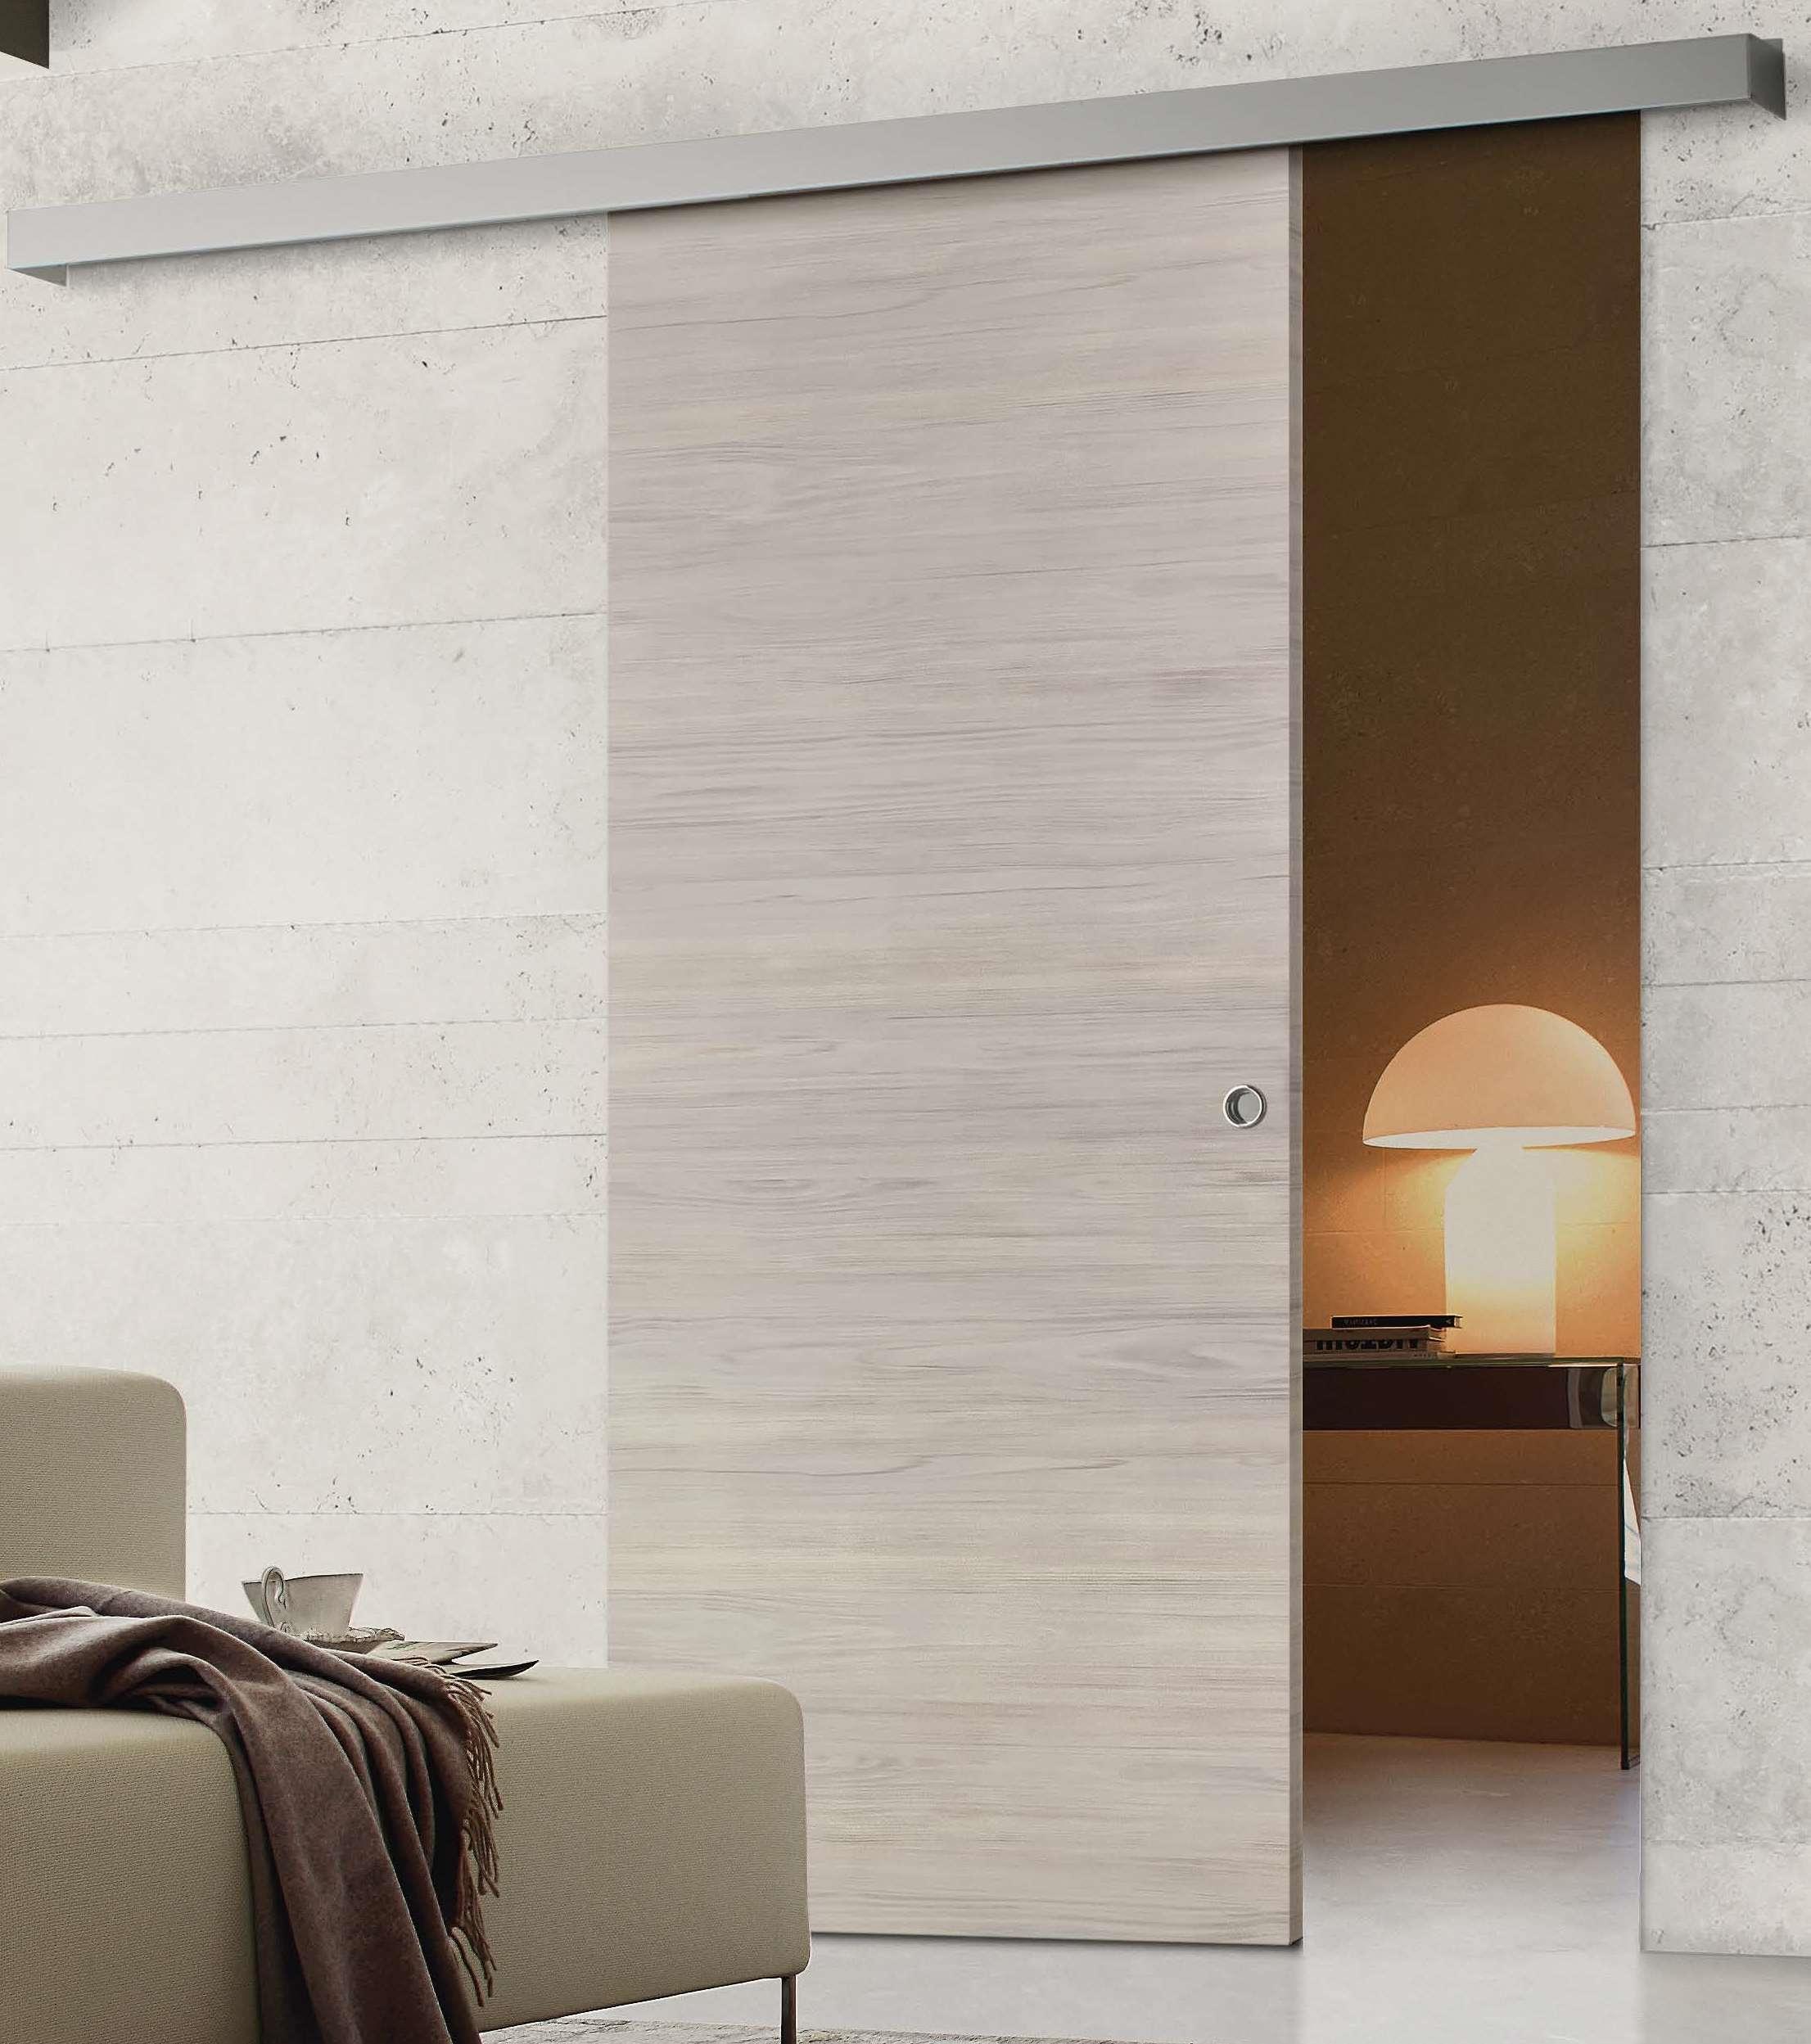 Porta scorrevole asterno muro bianca su misura porte a for Porte scorrevoli esterno muro prezzi